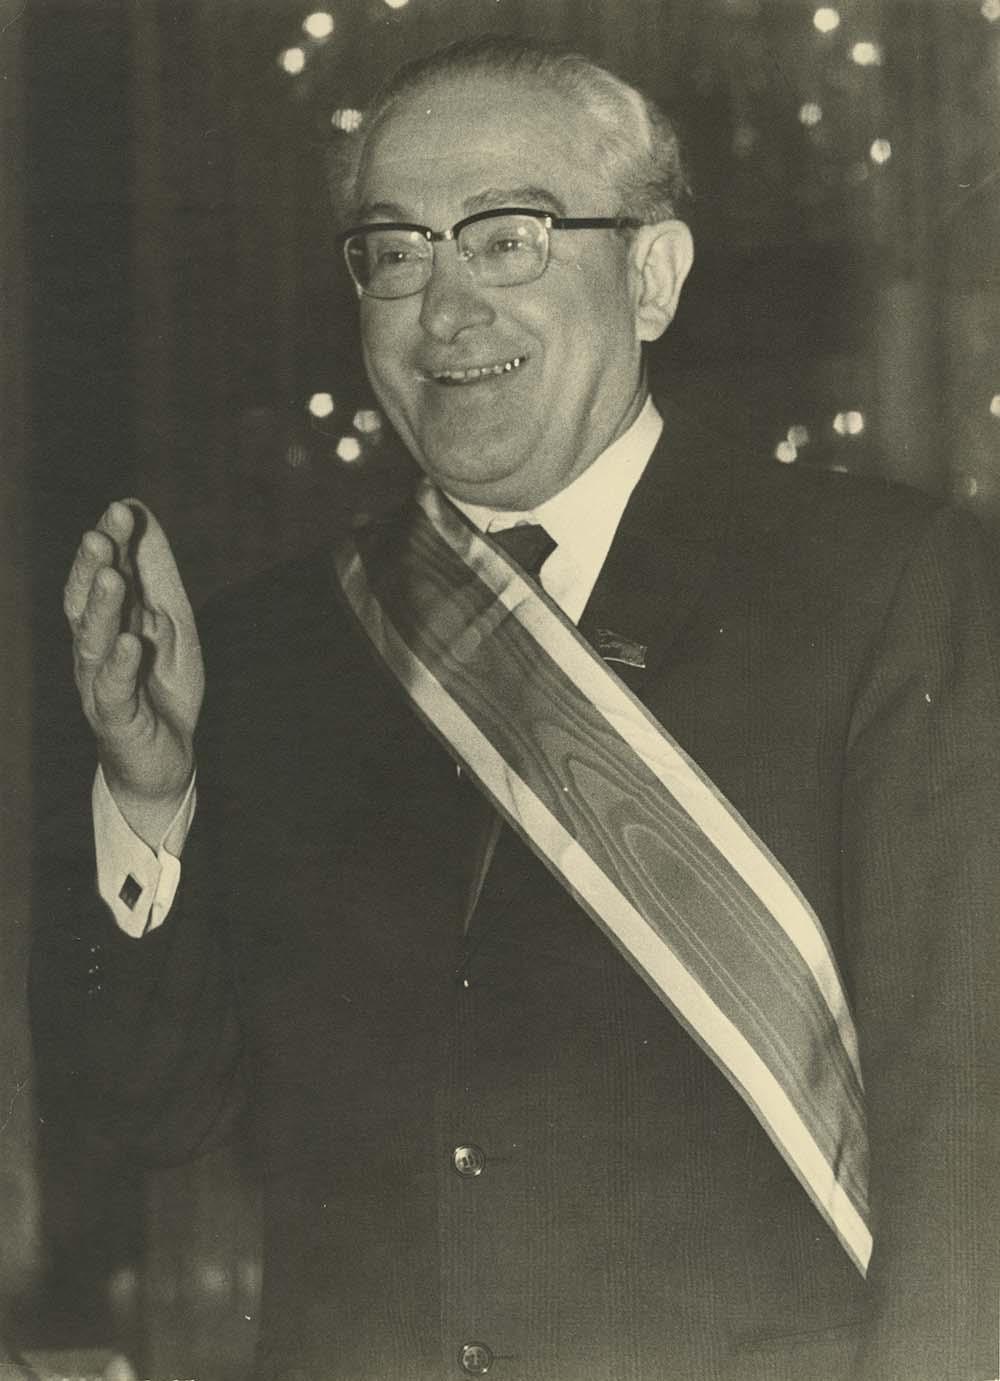 1980-е. Юрий Владимирович Андропов.